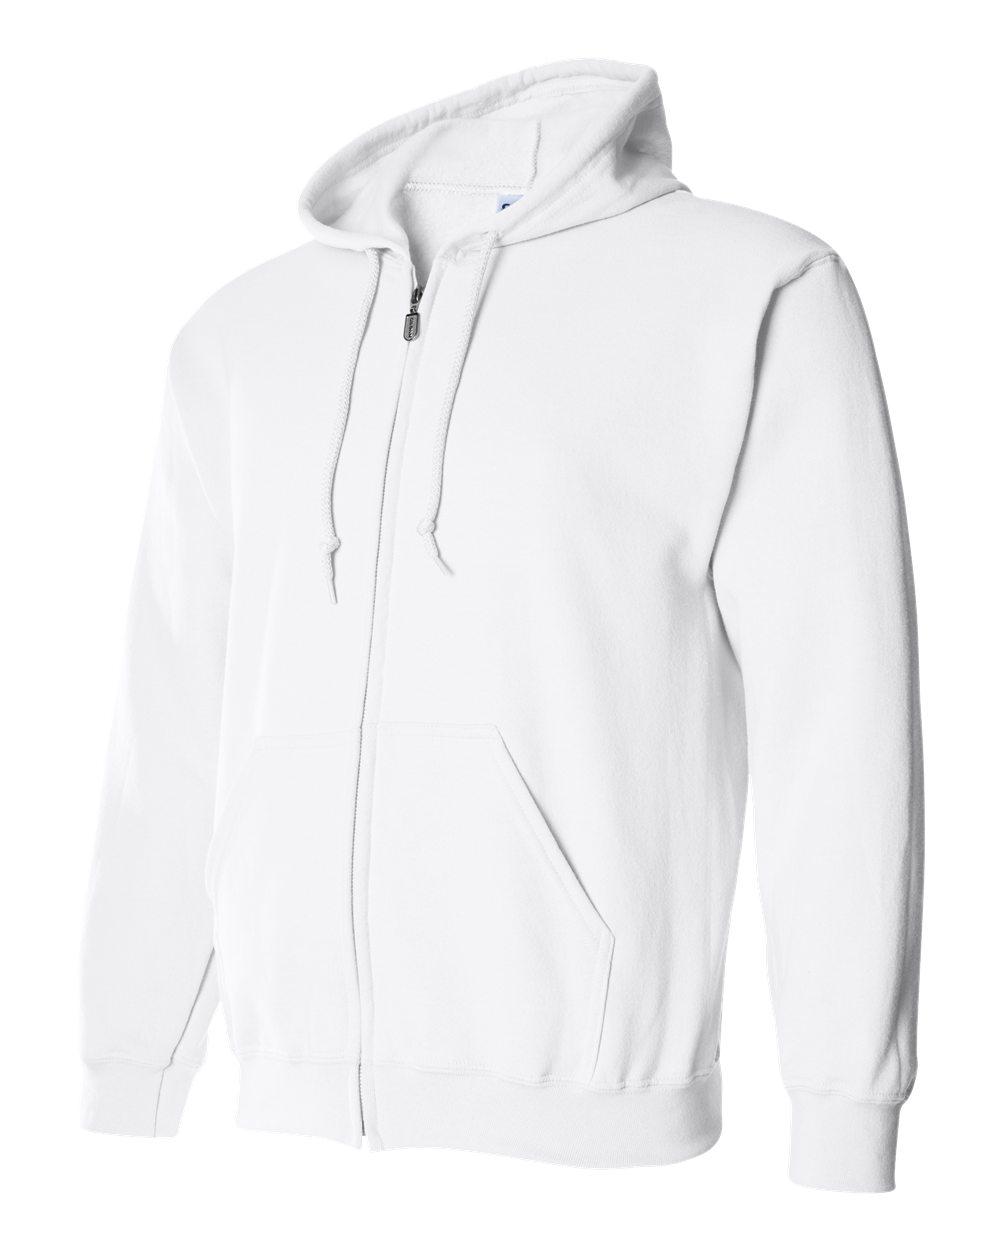 GIL18600 White